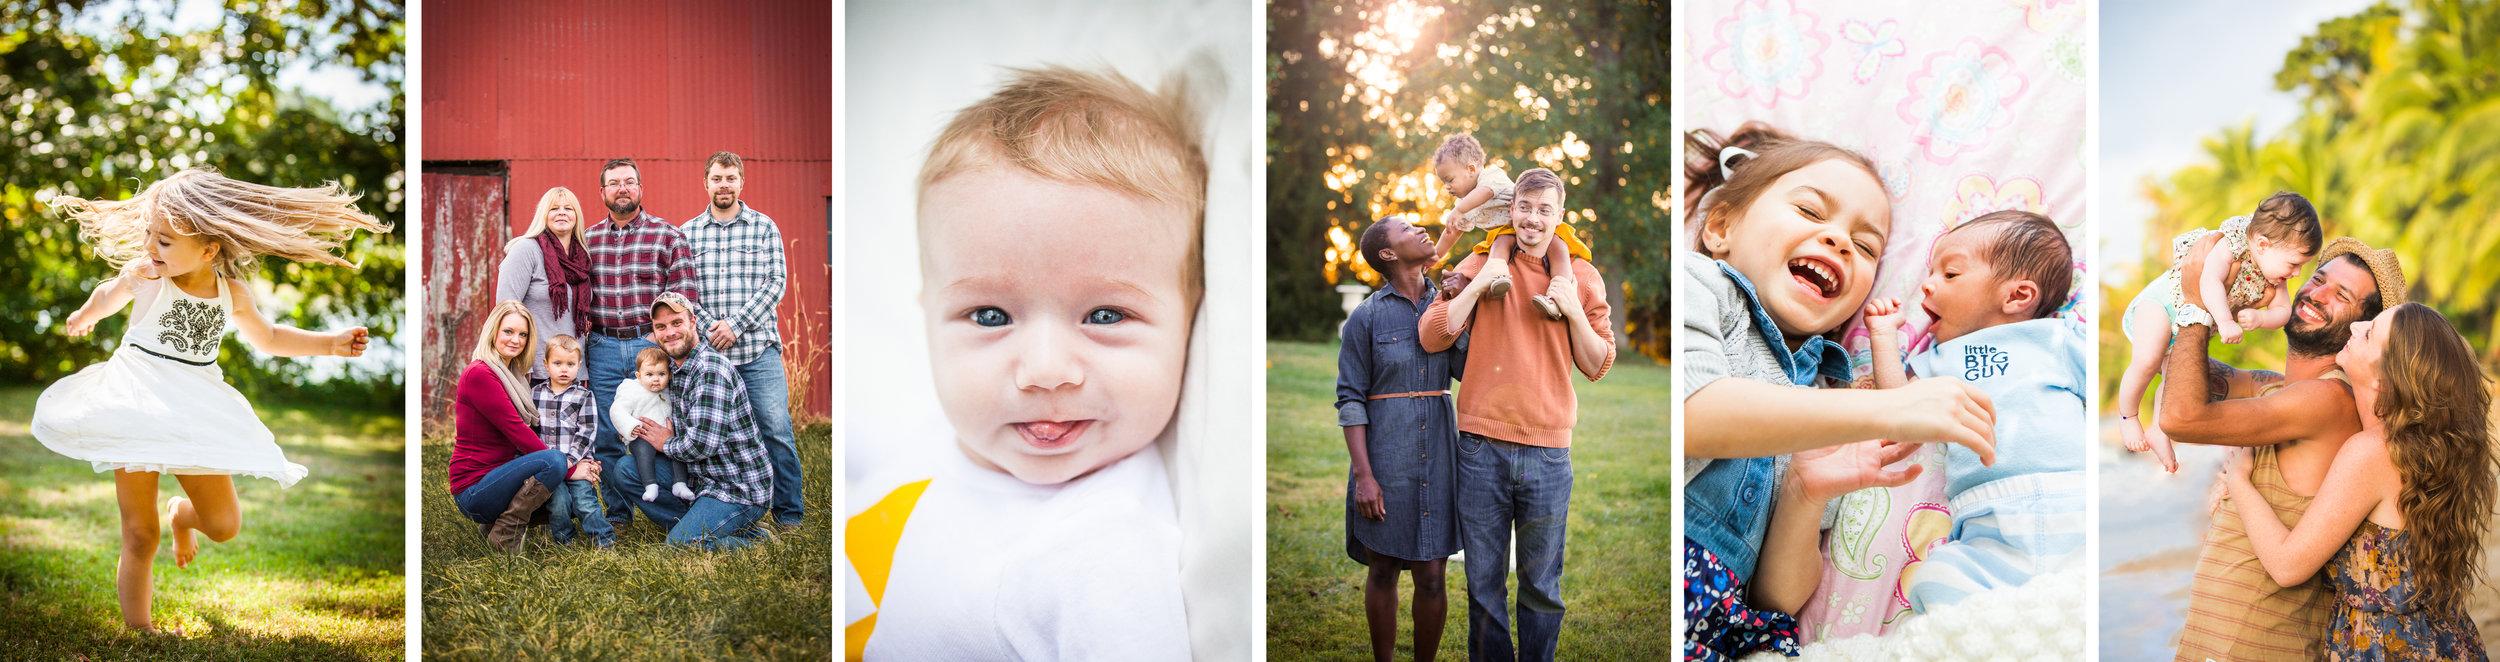 family_banner.jpg